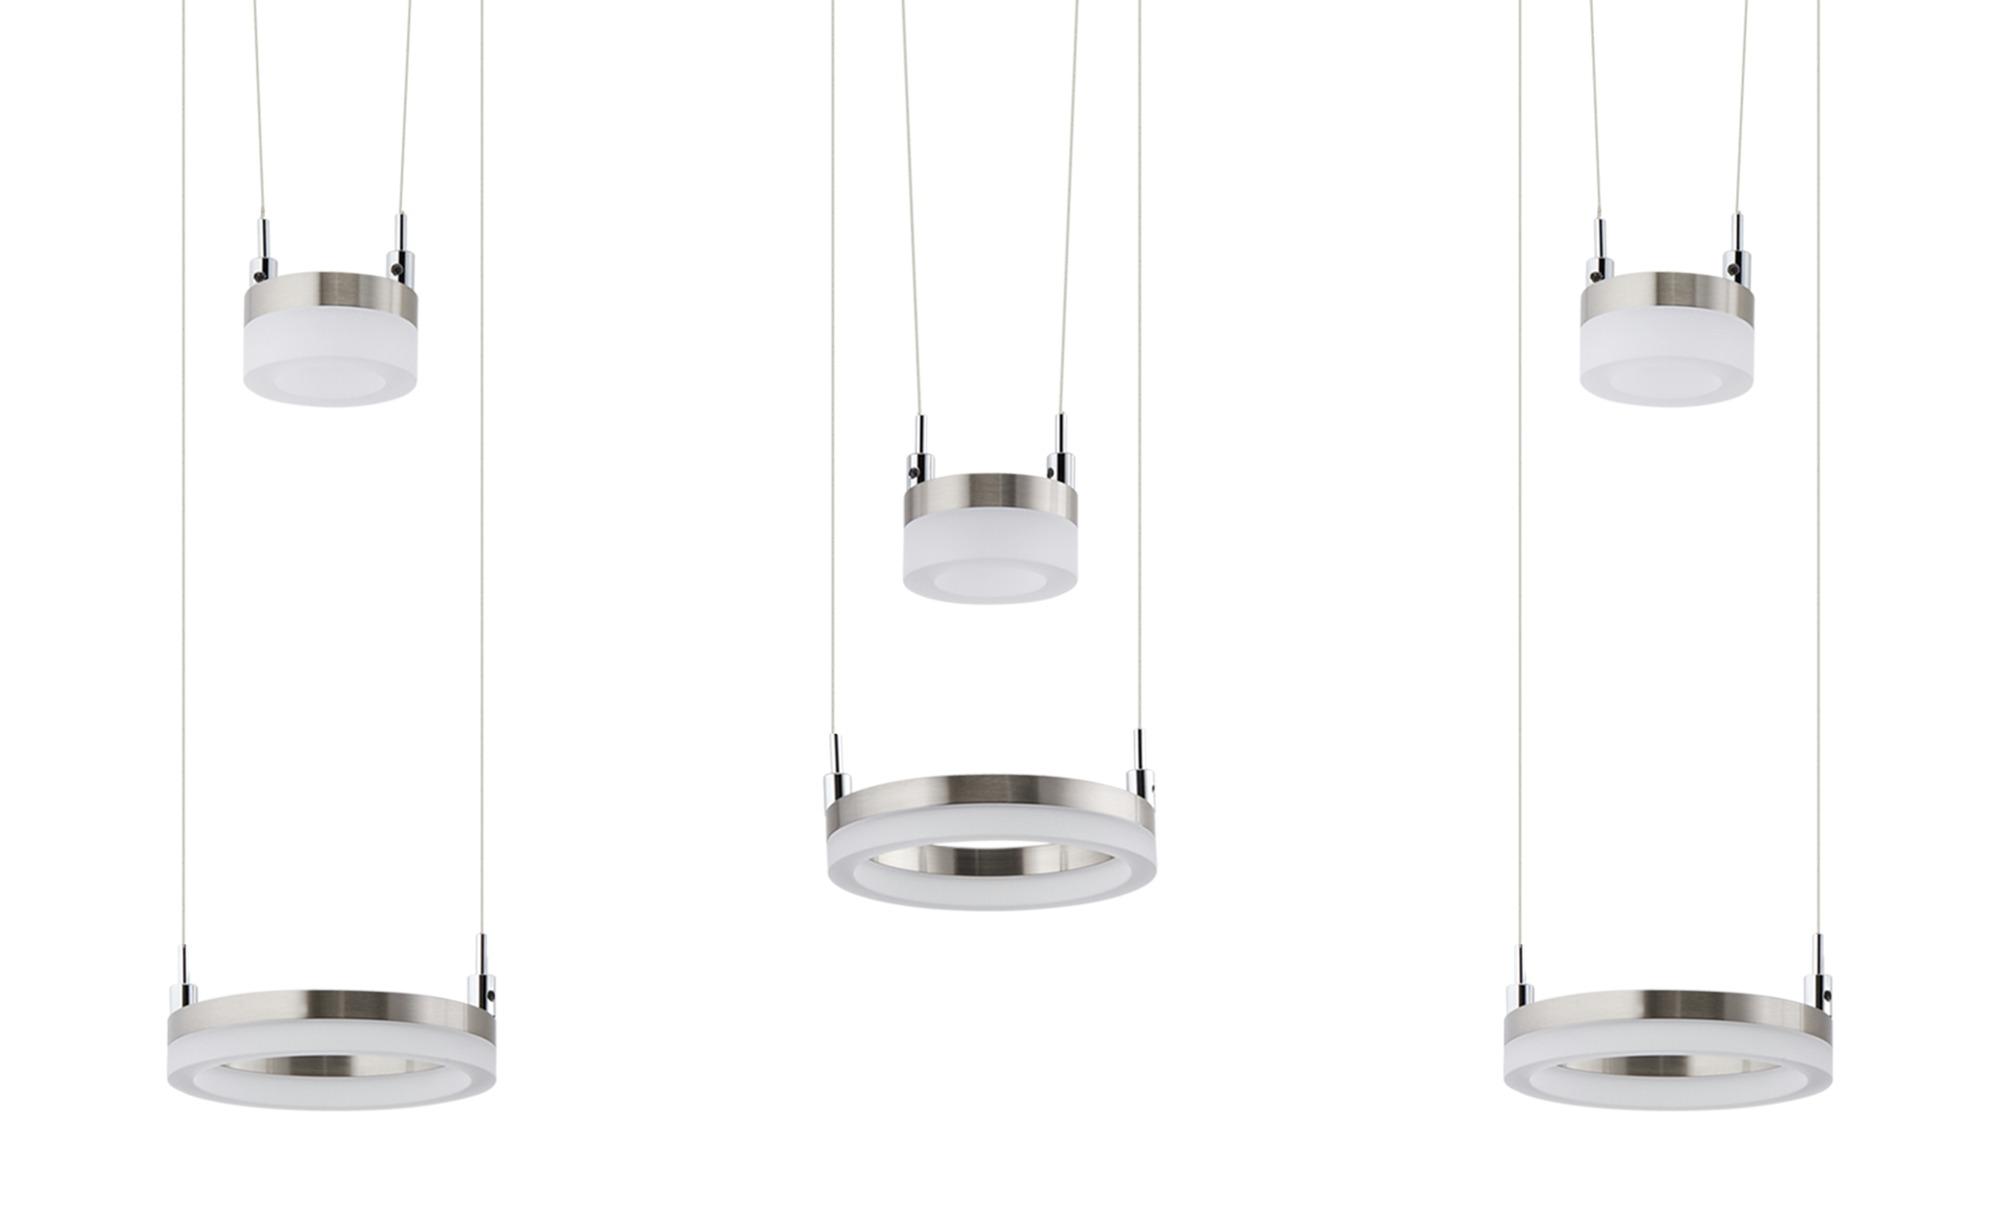 ML LED-Pendelleuchte, 6-flammig, nickel matt ¦ silber ¦ Maße (cm): B: 15 H: 150 Lampen & Leuchten > LED-Leuchten > LED-Pendelleuchten - Höffner